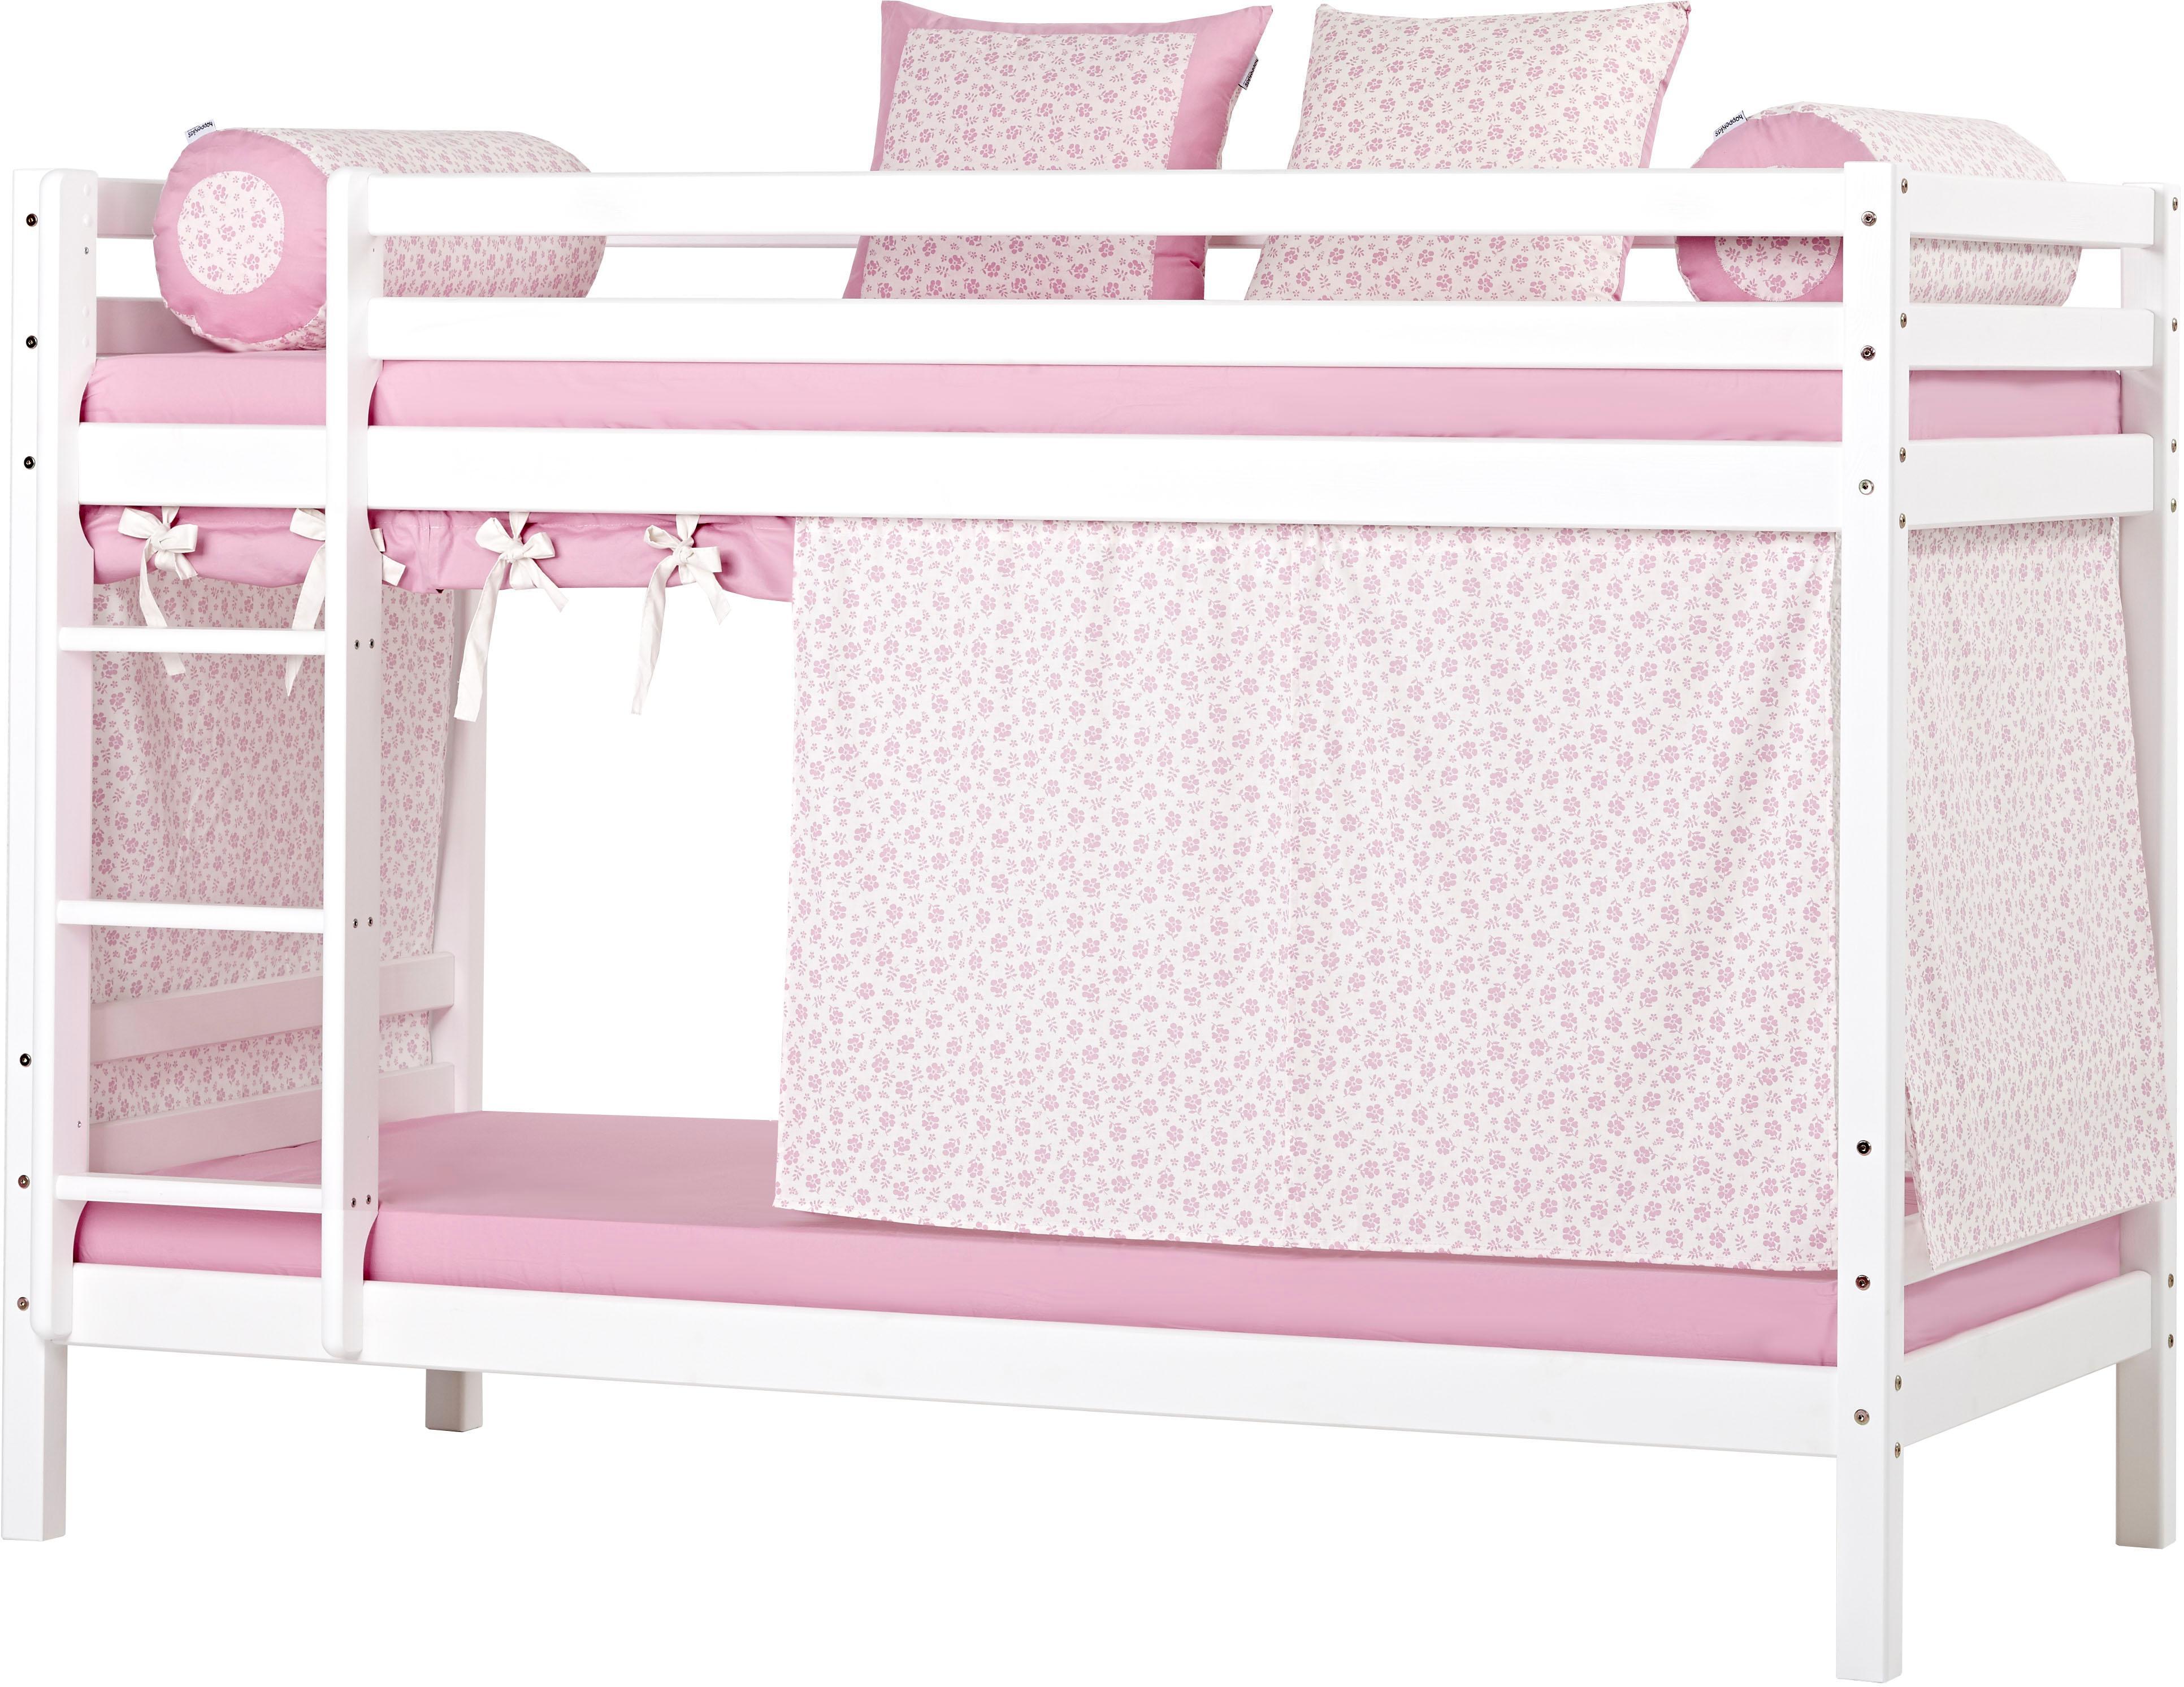 Hoppekids Etagenbett inkl Vorhang-Set 2 Matratzen 2 Rollroste und 2 Schubkästen